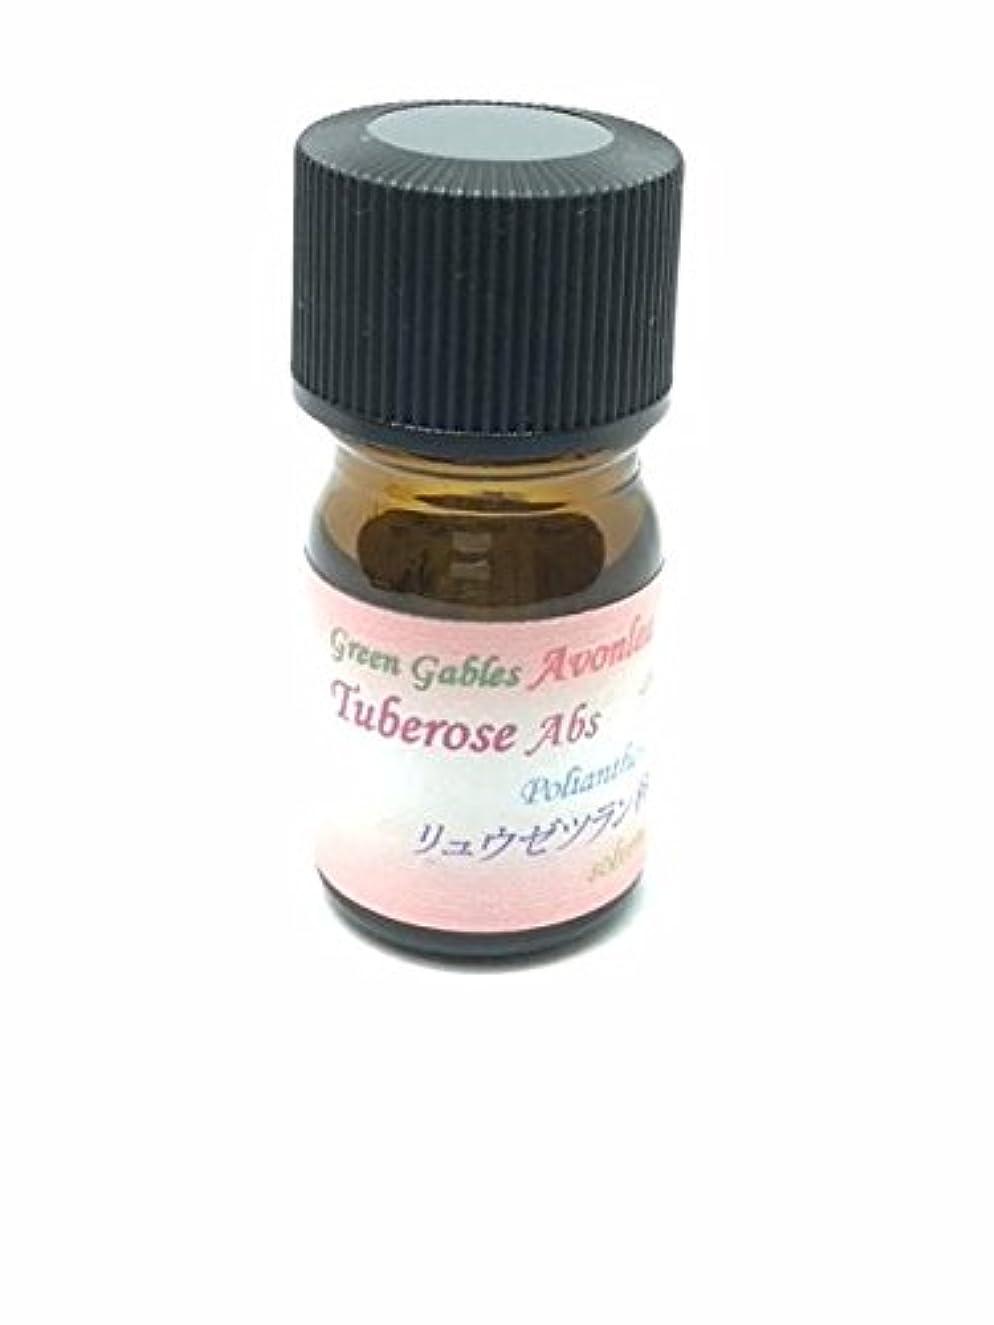 失う言う爆発する月下香精油 ピュアエッセンシャルオイル チュベローズアブソリュード Tuberose (100ml)